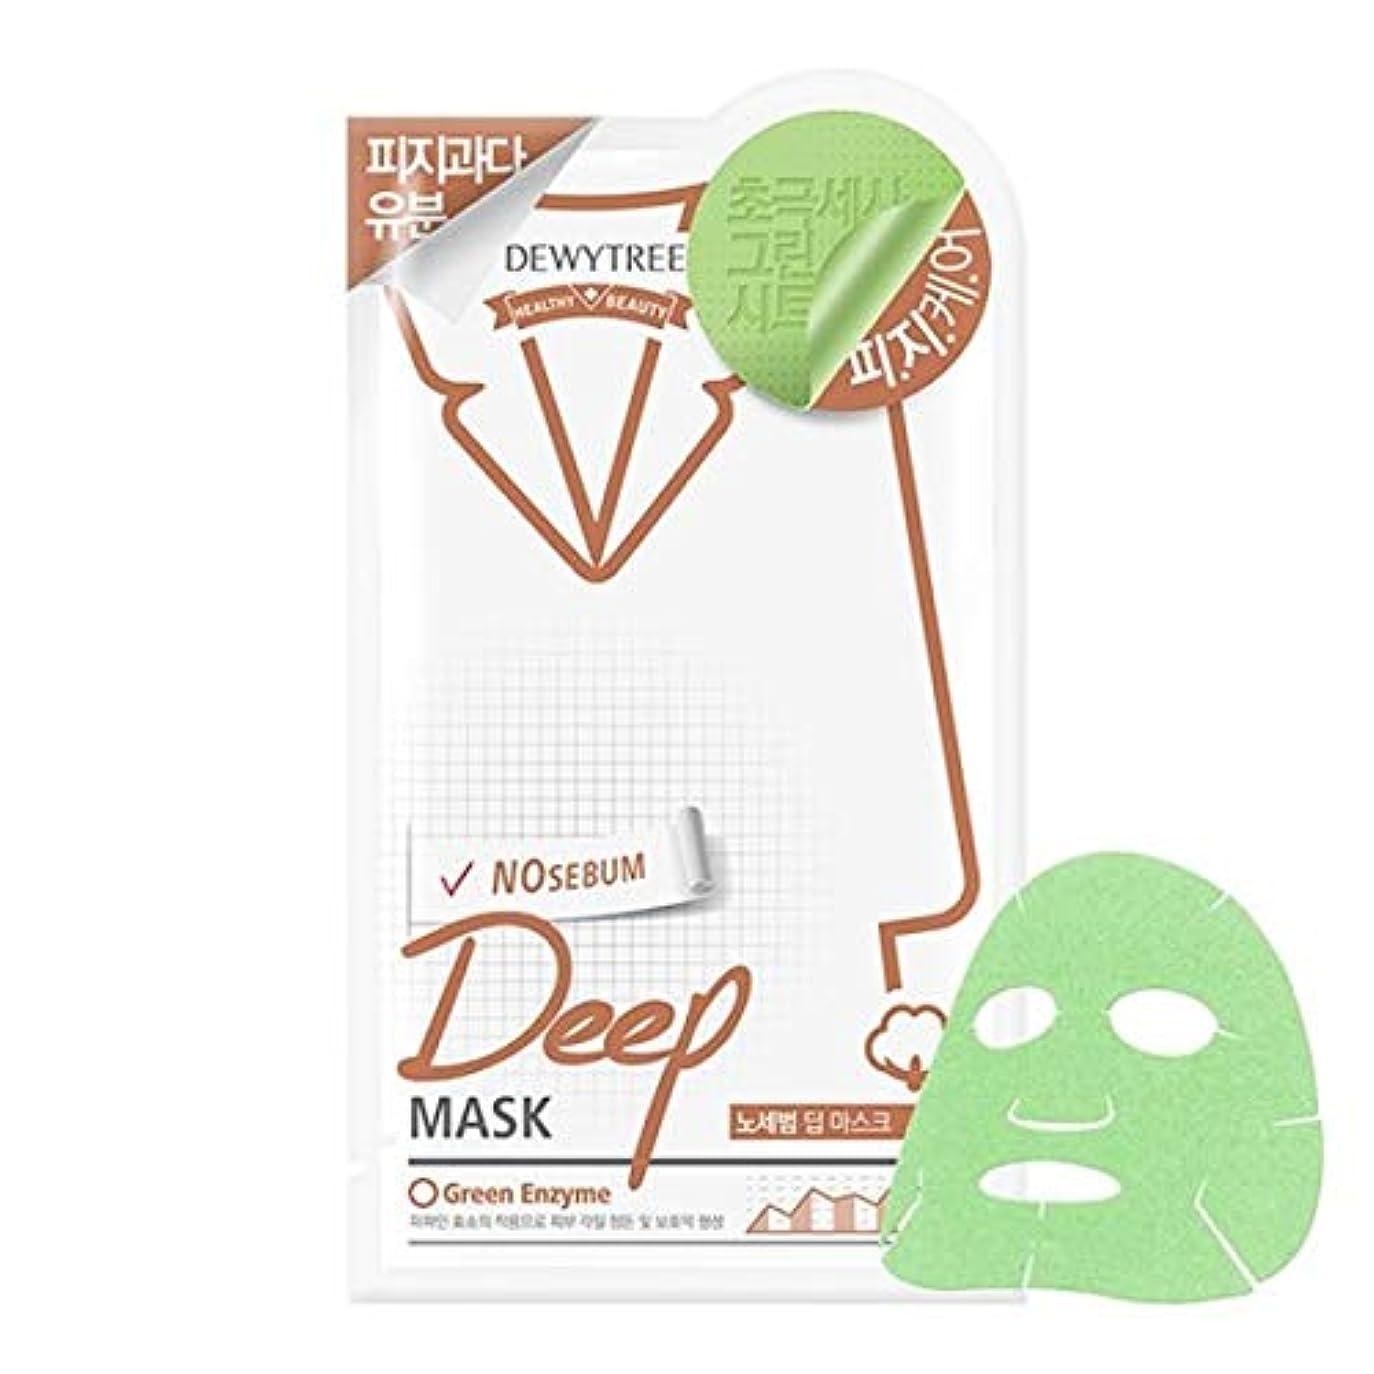 義務付けられた受け入れキー(デューイトゥリー) DEWYTREE ノセボムディープマスク 20枚 Nosebum Deep Mask 韓国マスクパック (並行輸入品)